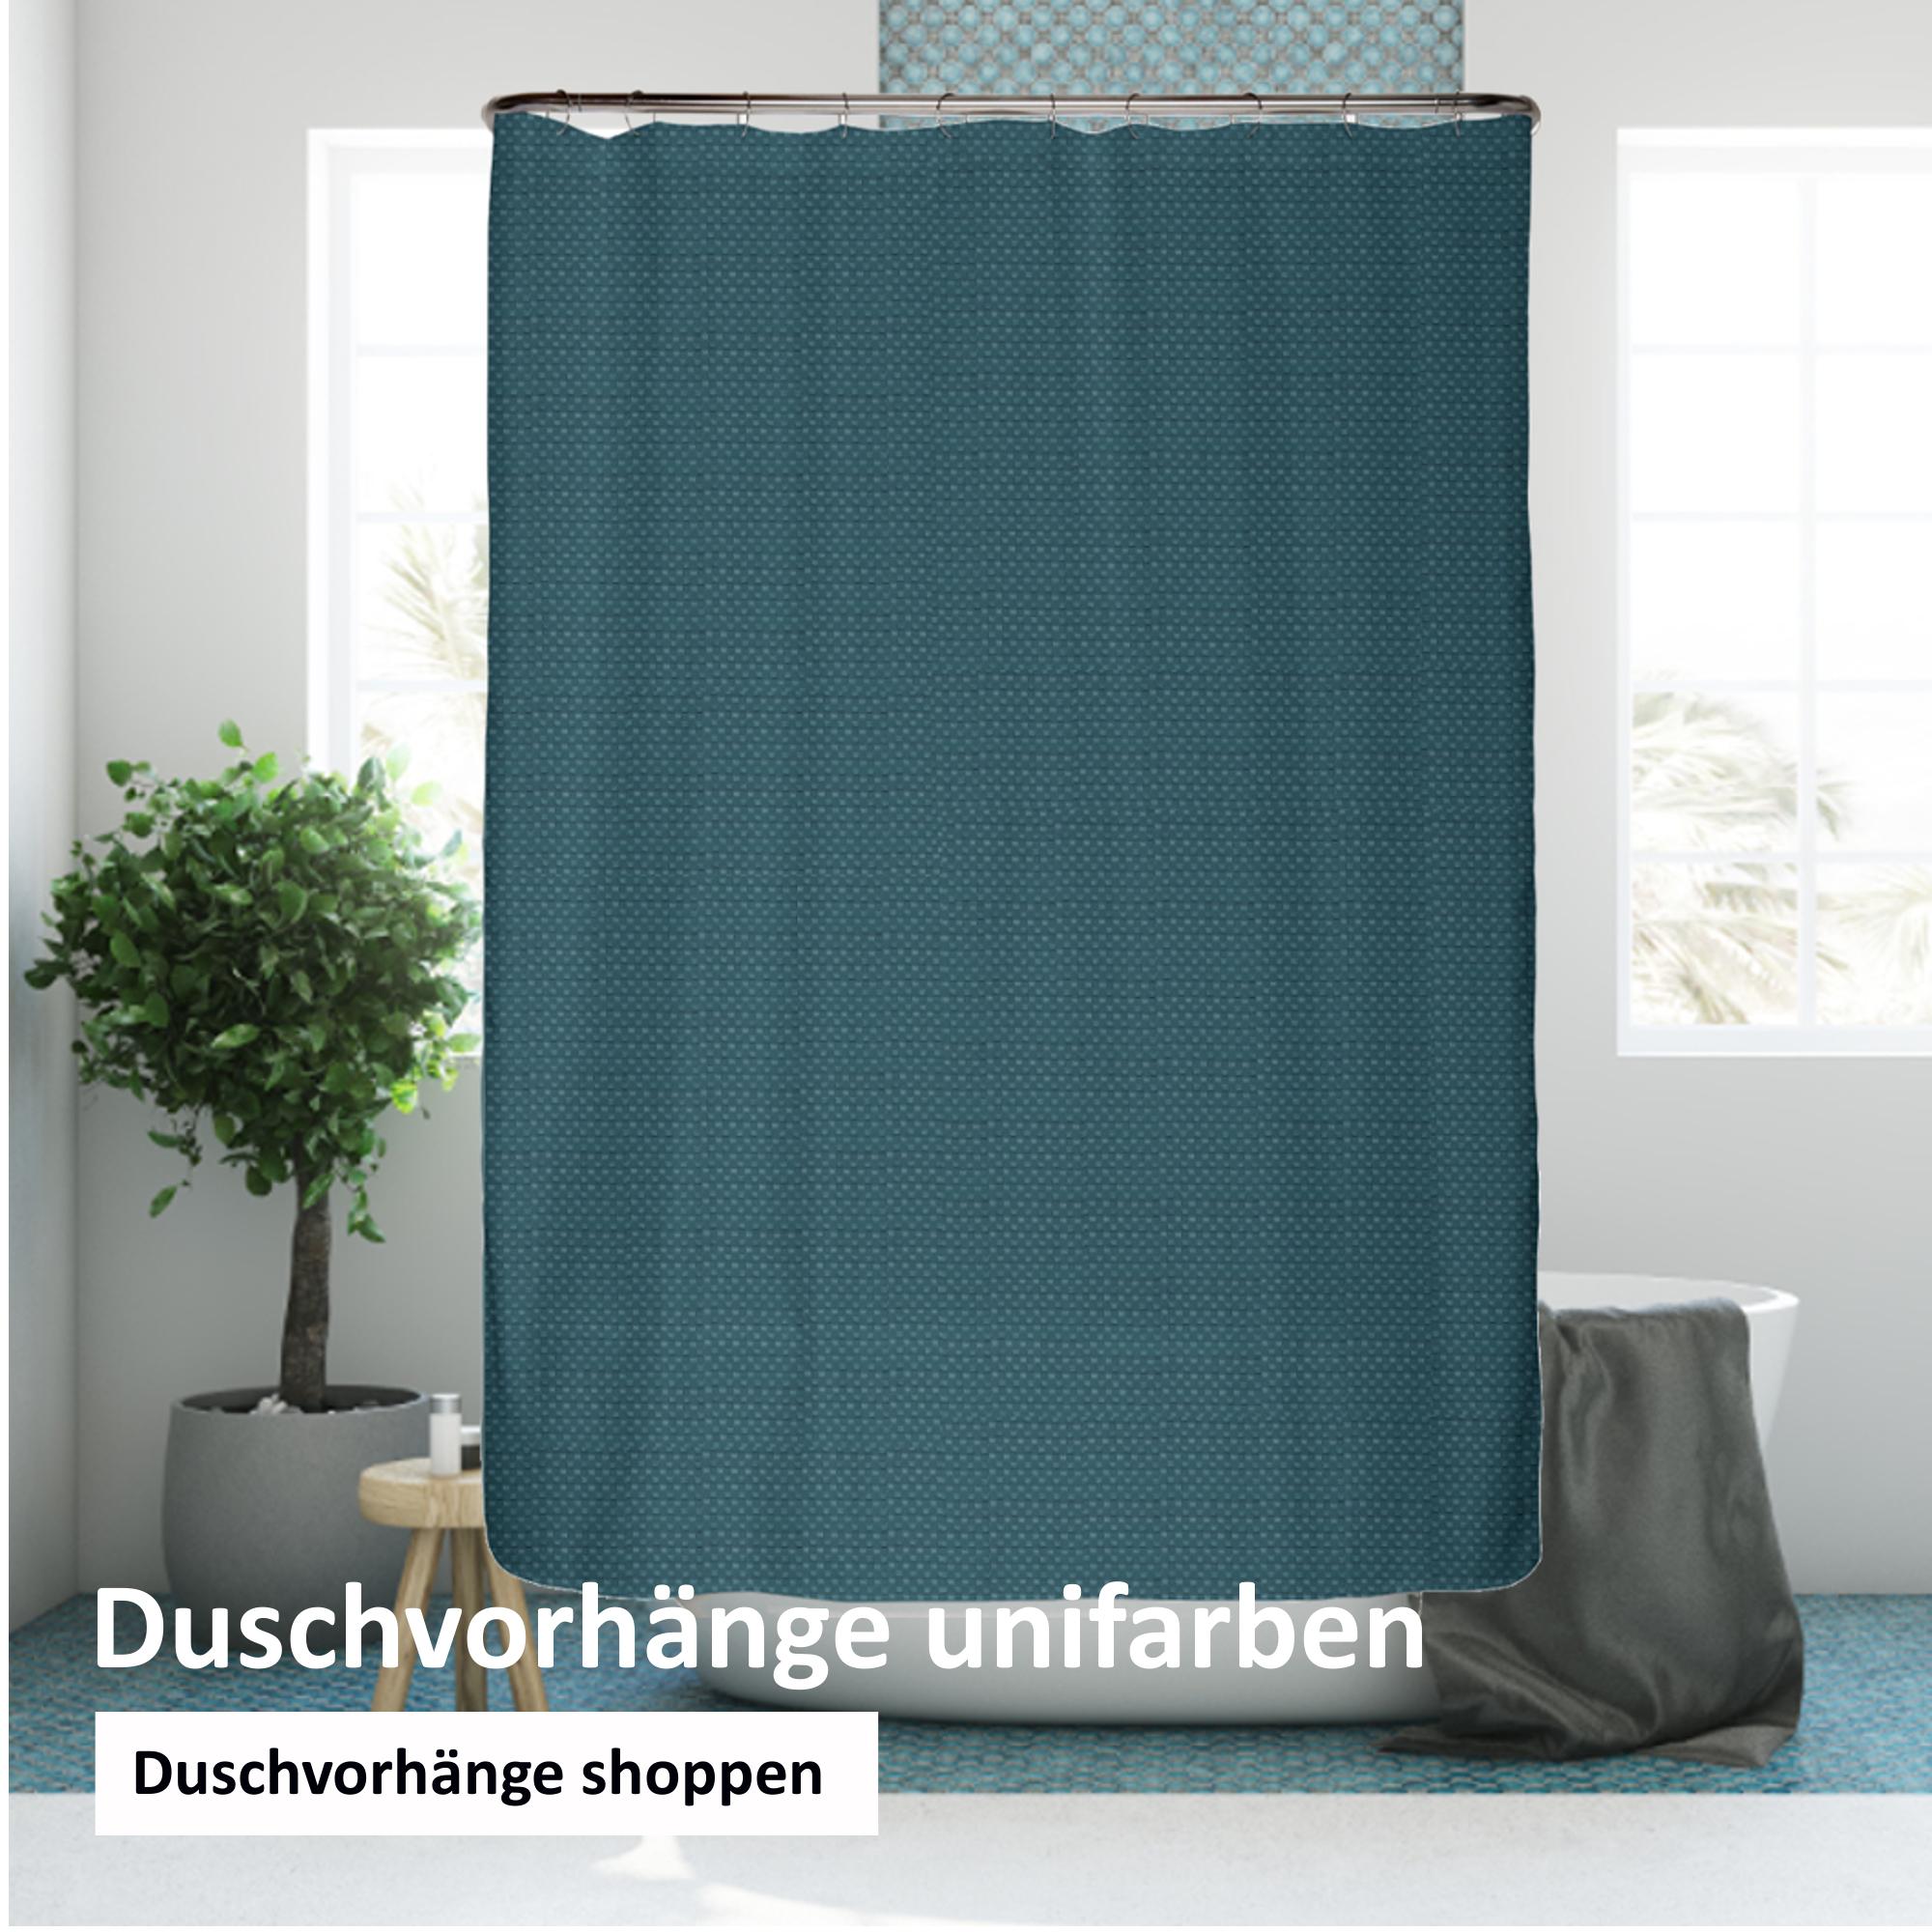 Duschvorhang unifarben online kaufen